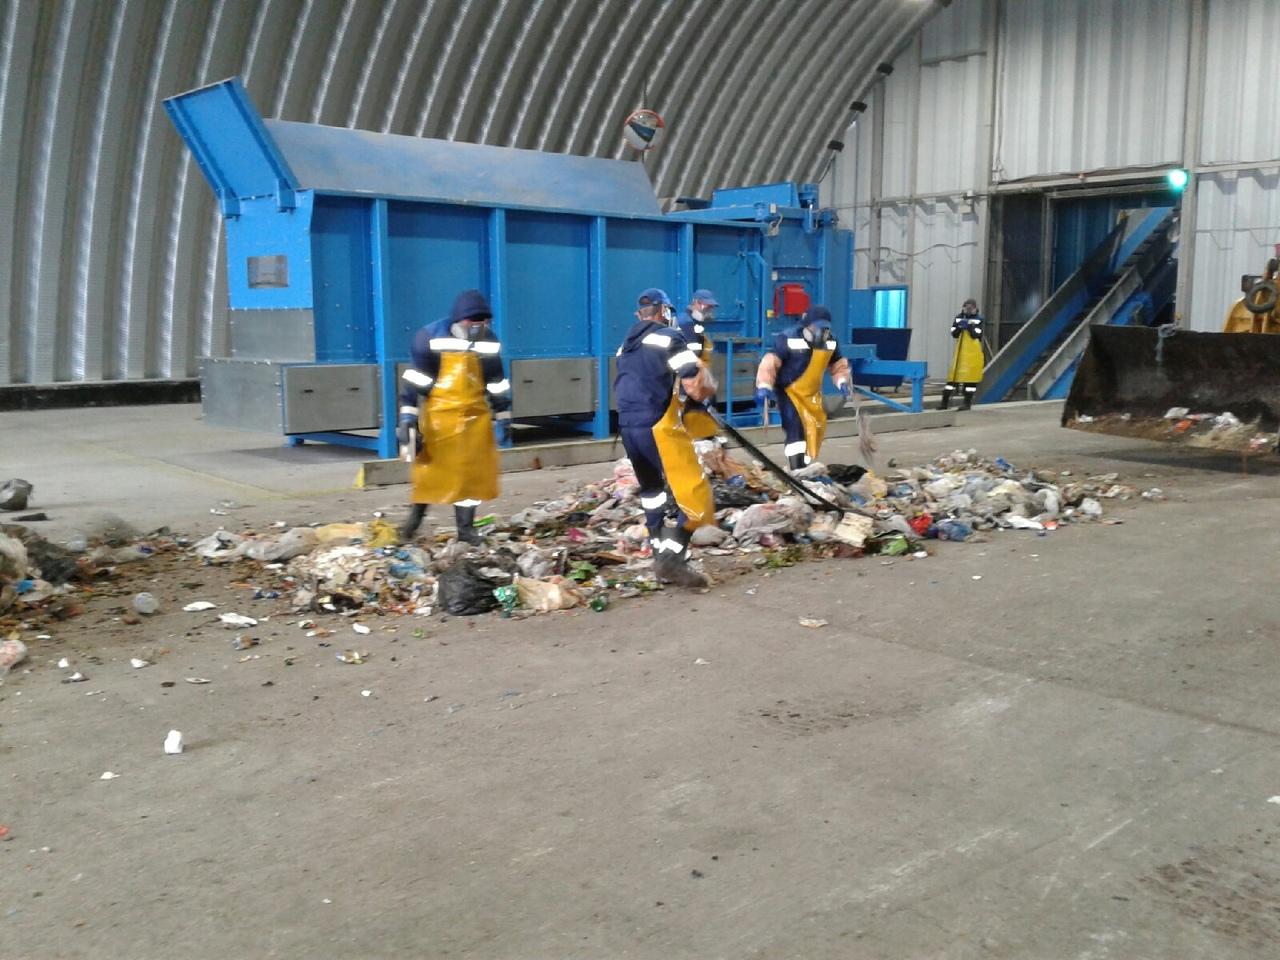 Вскоре в Омске запустят второй мусоросортировочный завод #Новости #Общество #Омск